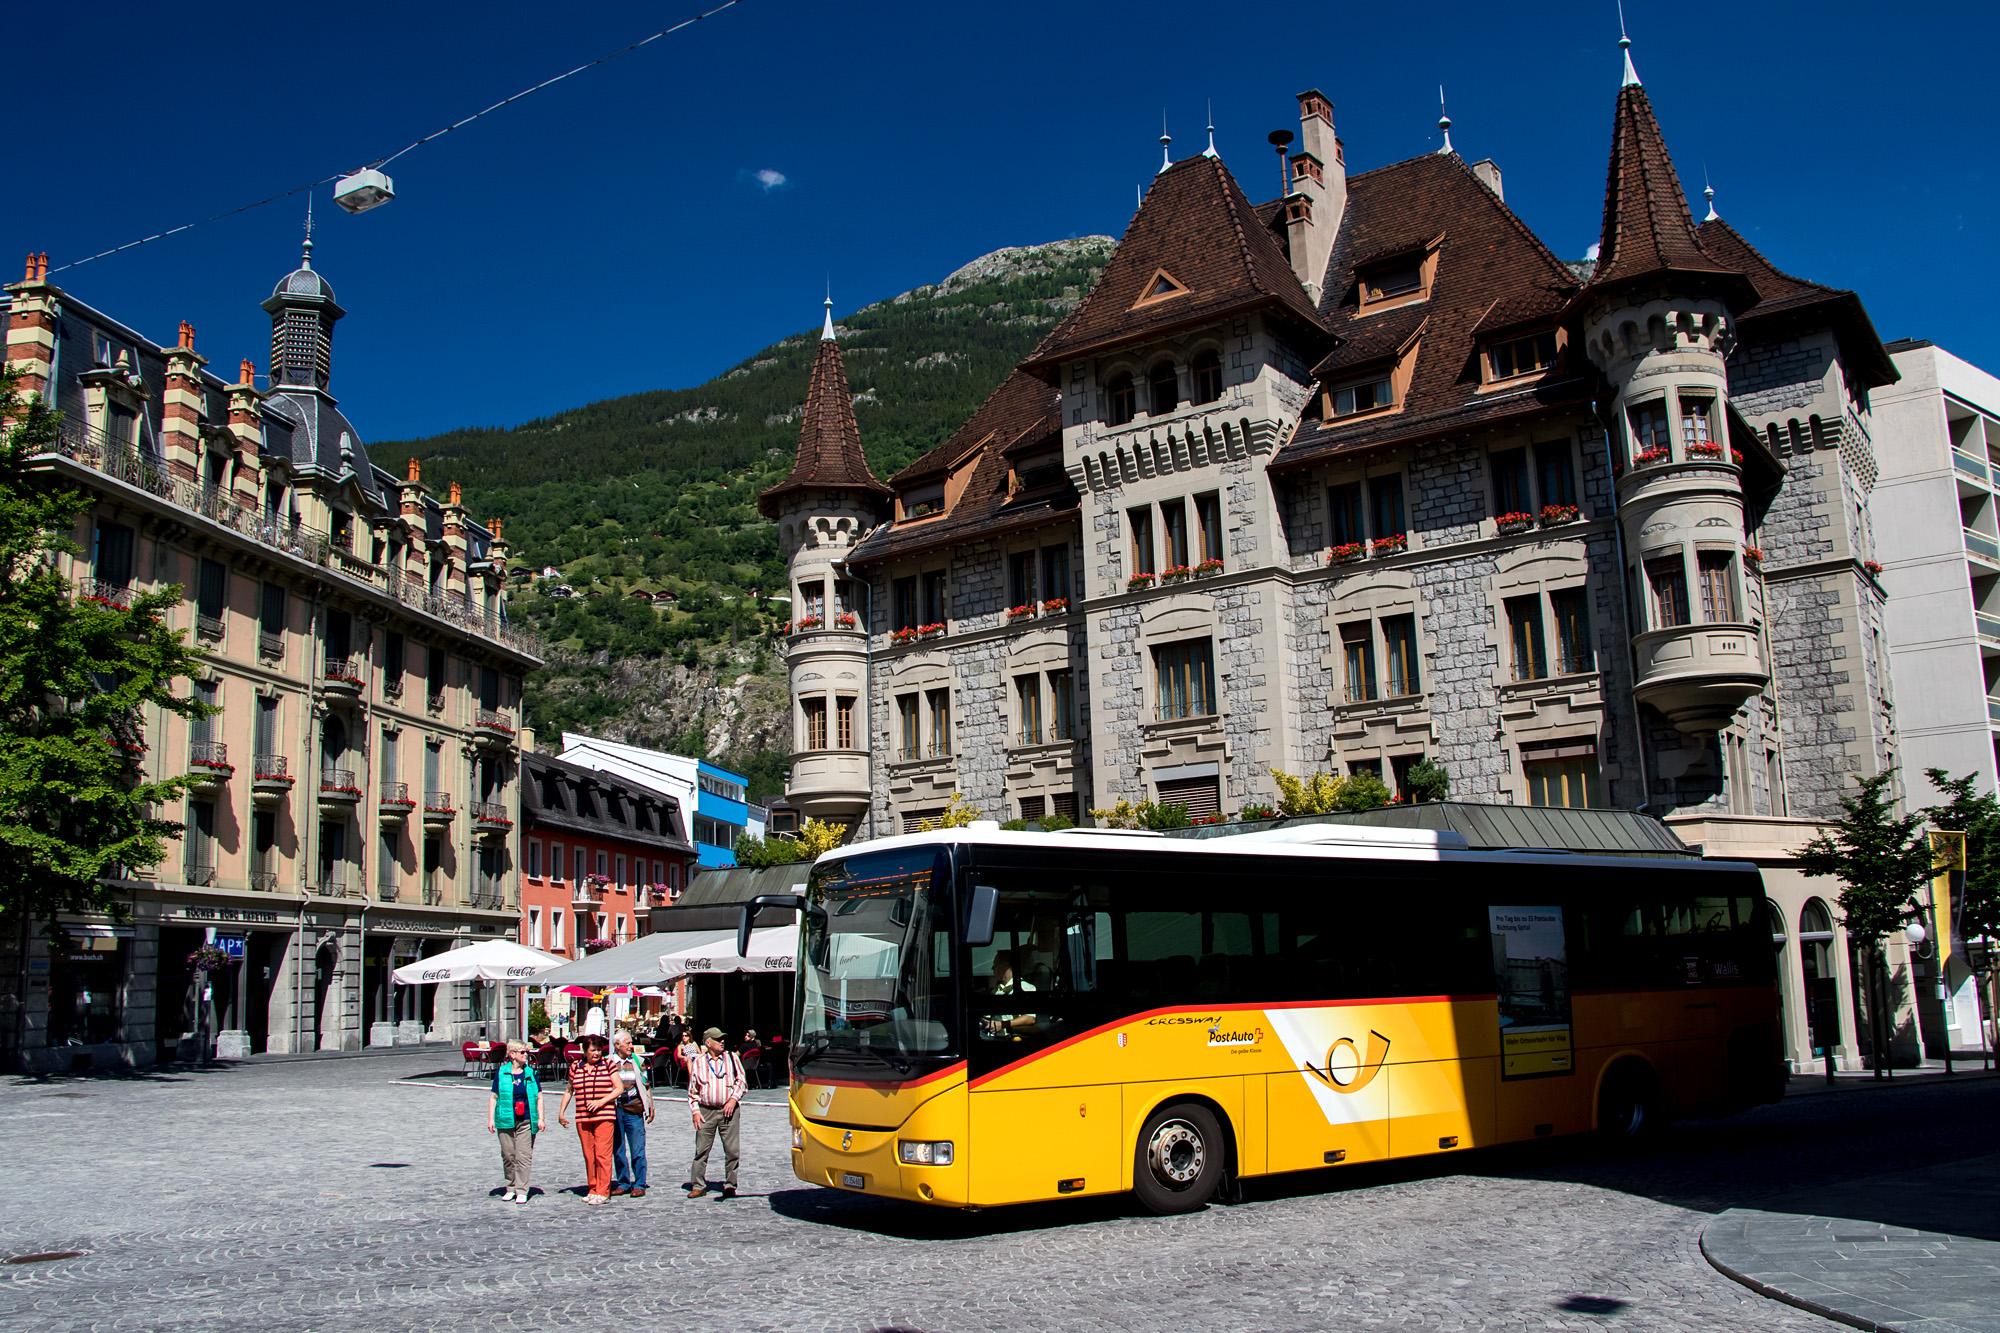 In Brig haben die Postautos das Privileg, durch die Fussgängerzone und direkt über den repräsentativen Stadtplatz zu fahren